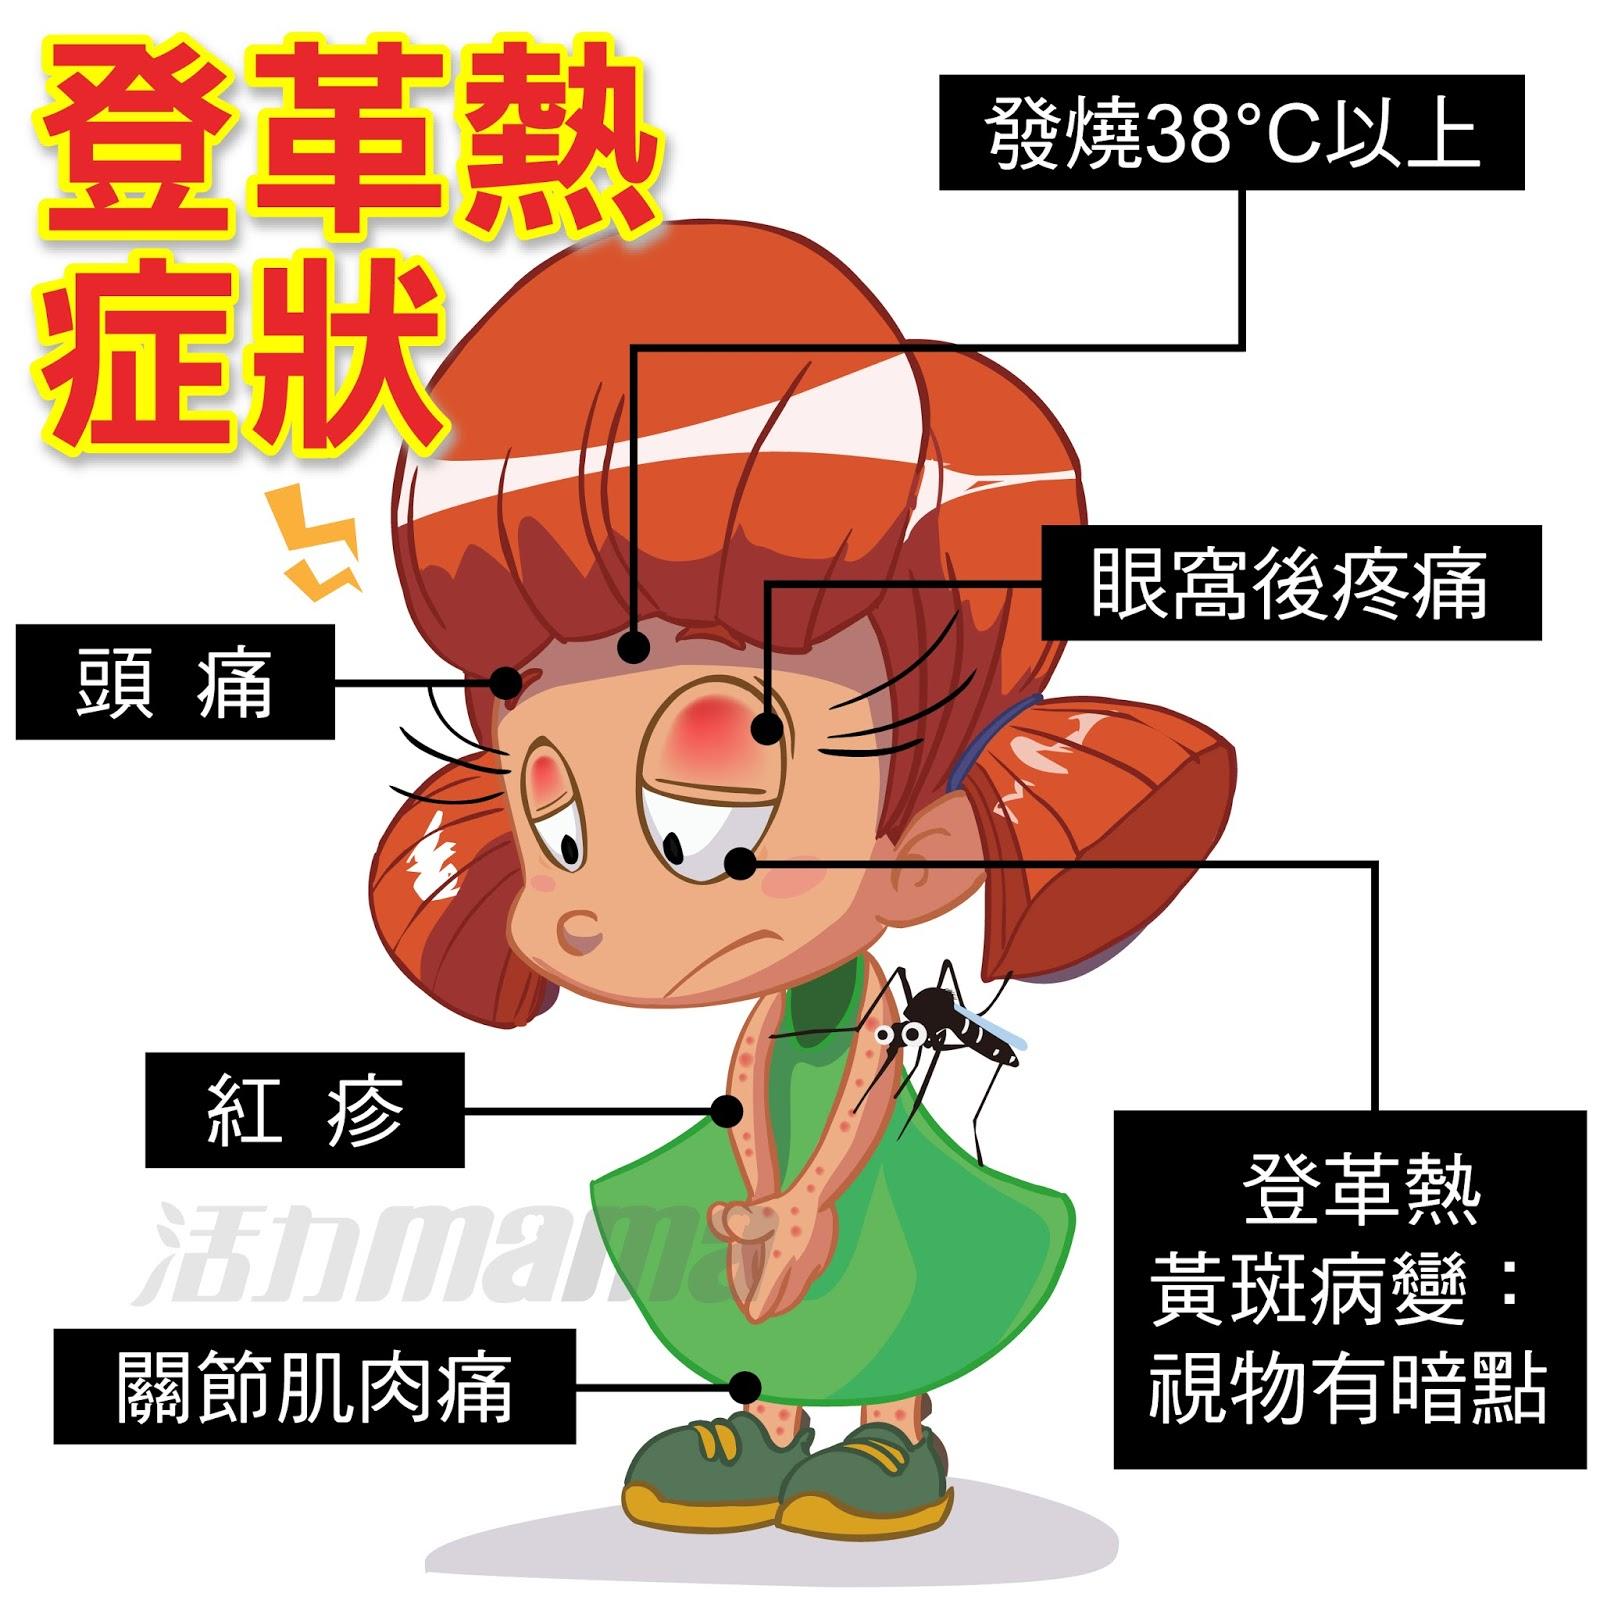 夏天清楚登革熱癥狀!分享十大驅蚊妙招 - 哺乳媽媽加油站